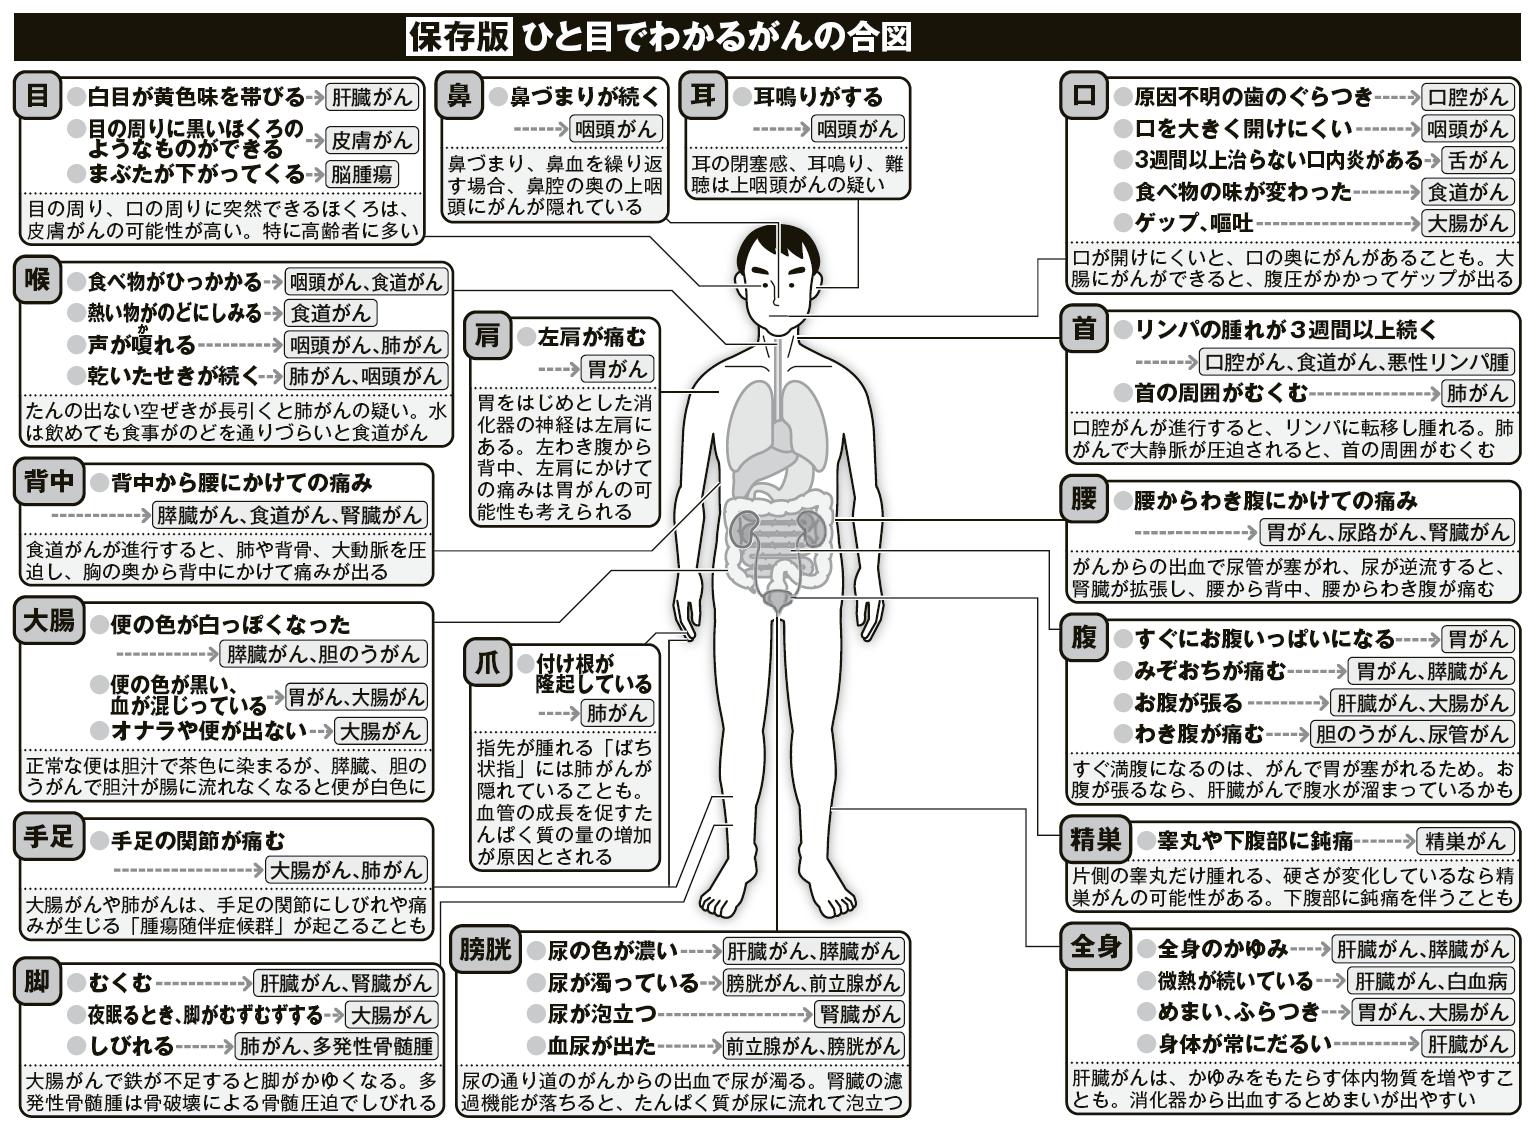 げっぷ 膵炎 症状 膵臓(膵炎)が心配な方へ(1) ~初期症状編~